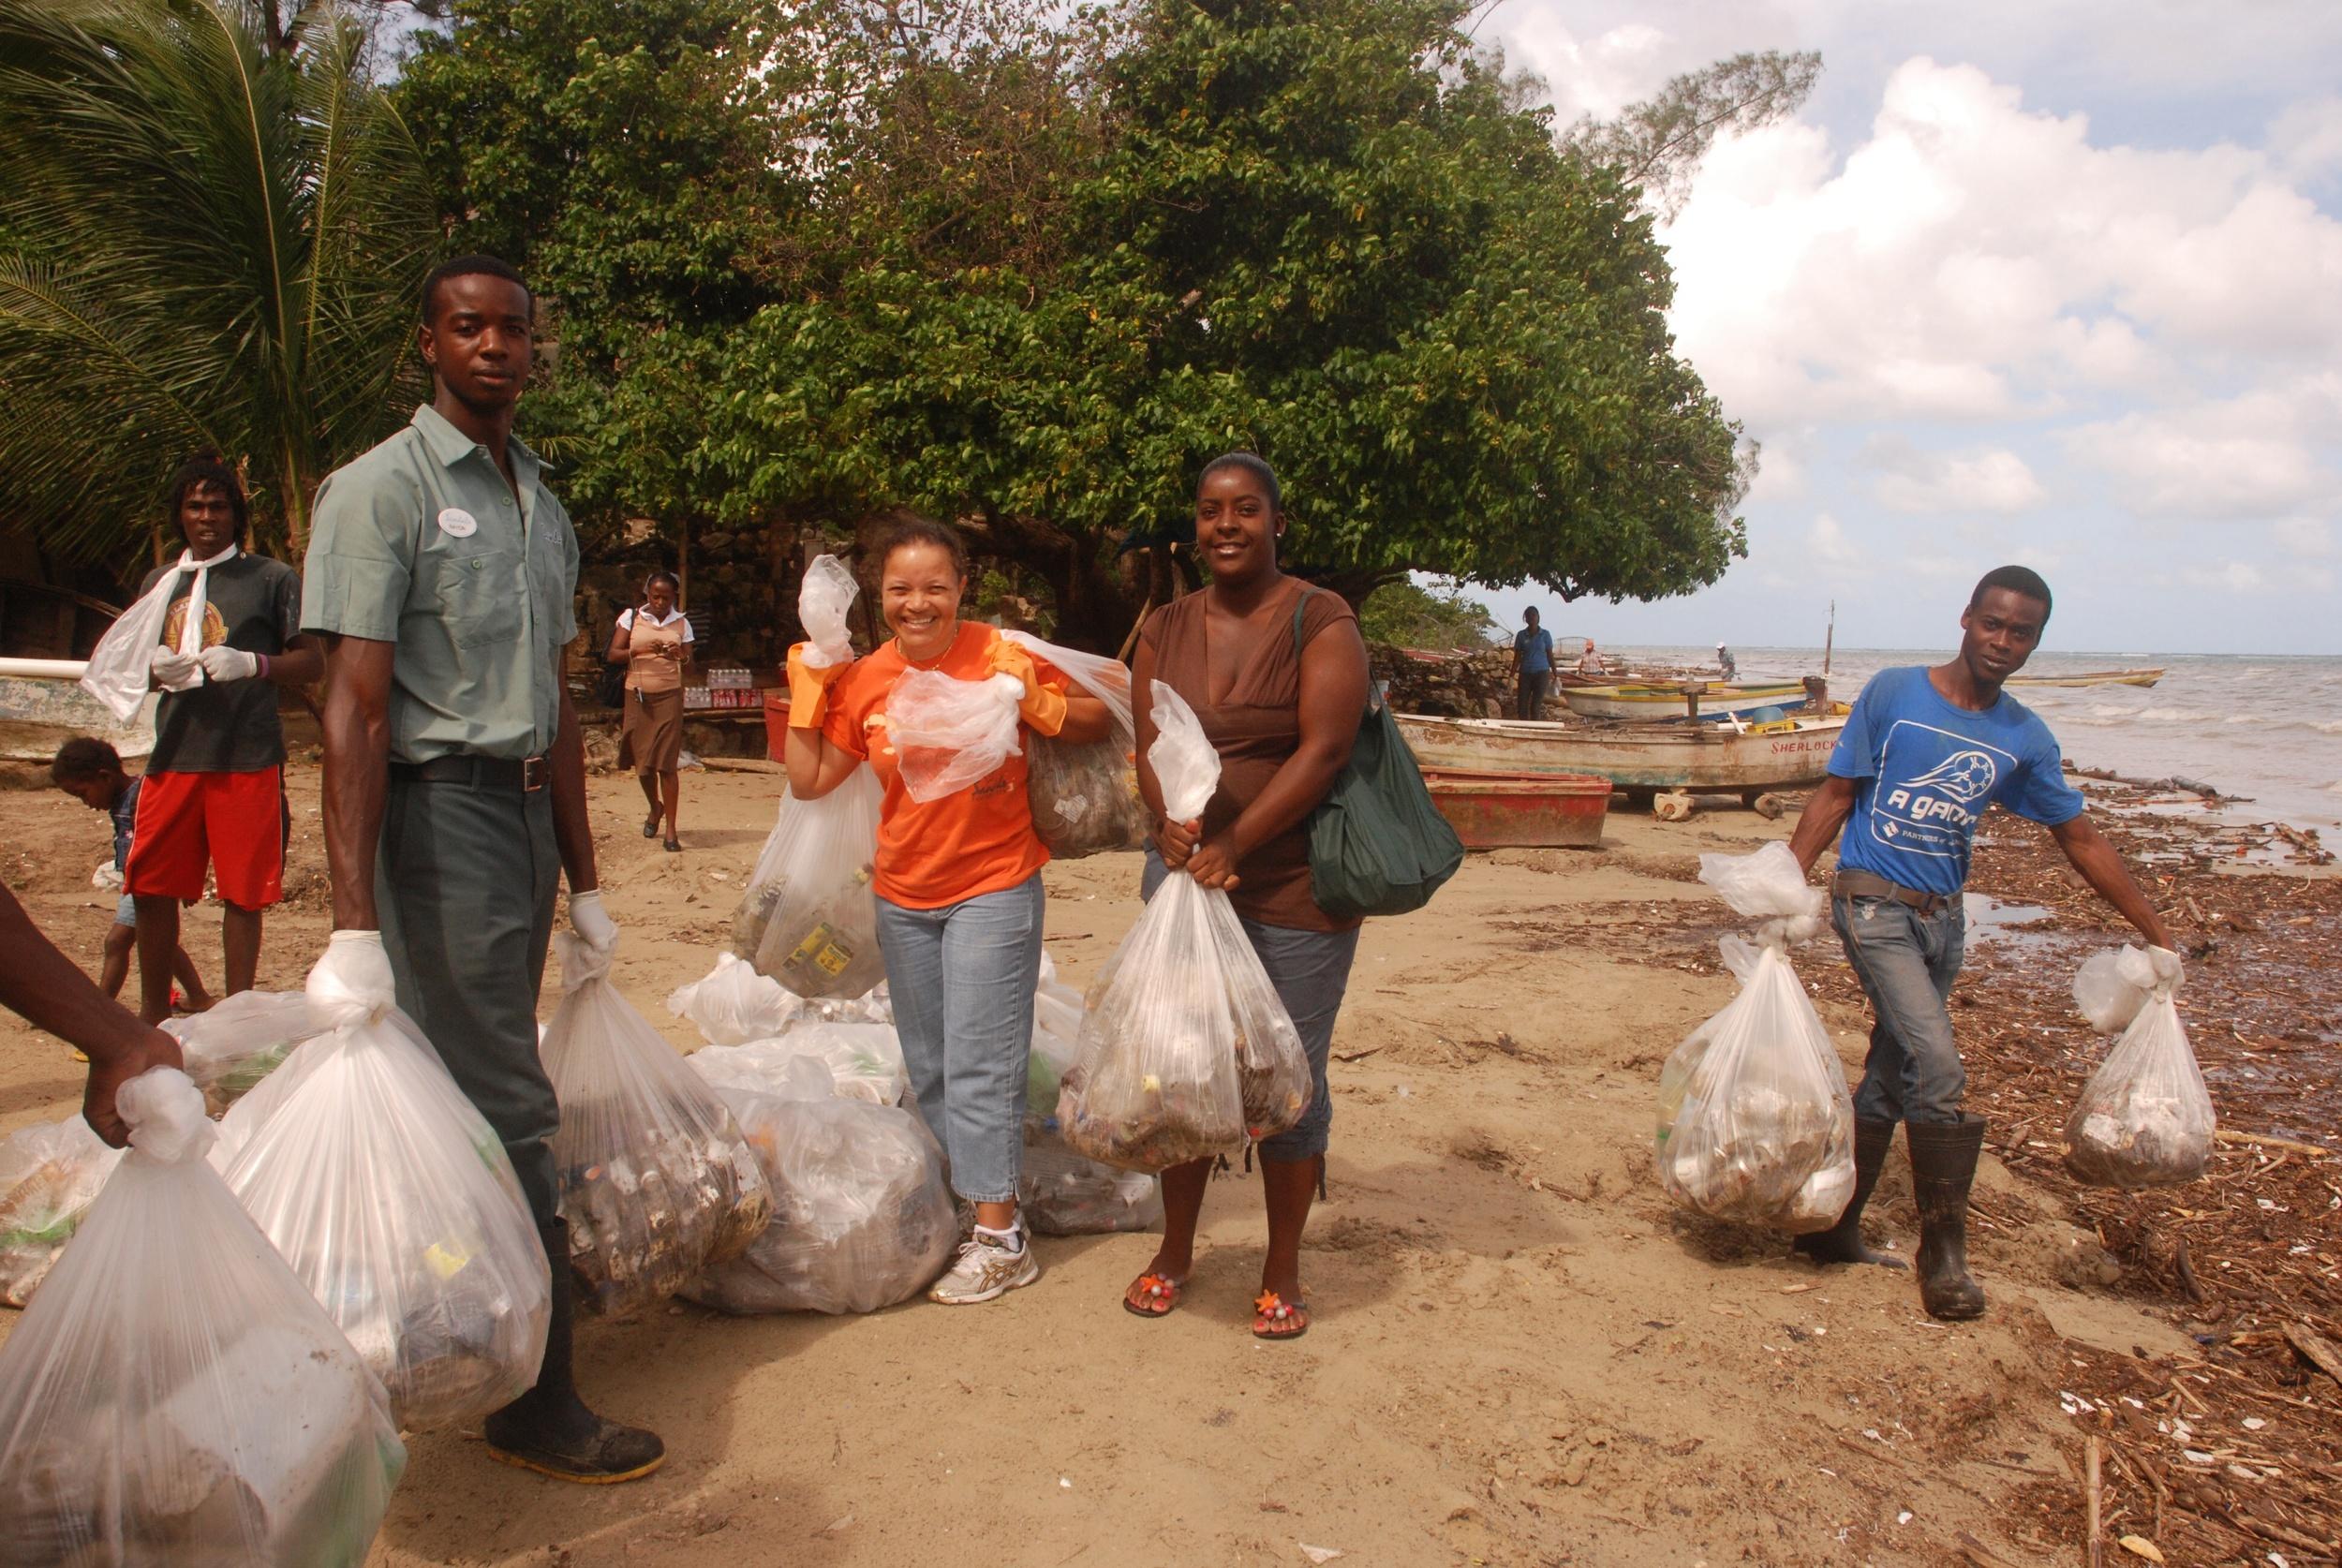 ochorios-beach-cleanup.jpg